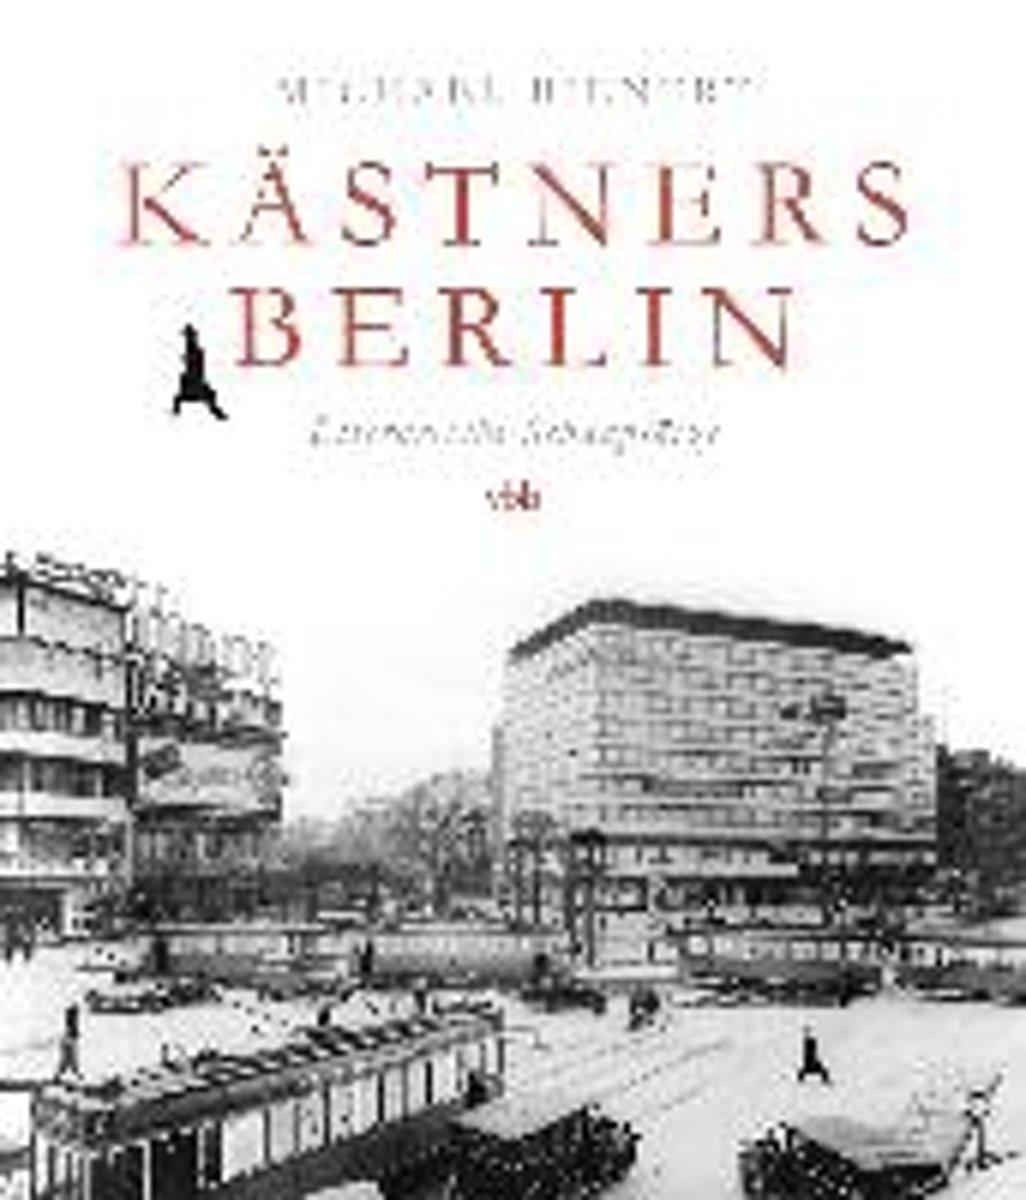 Kästners Berlin, Literarische Schauplätze